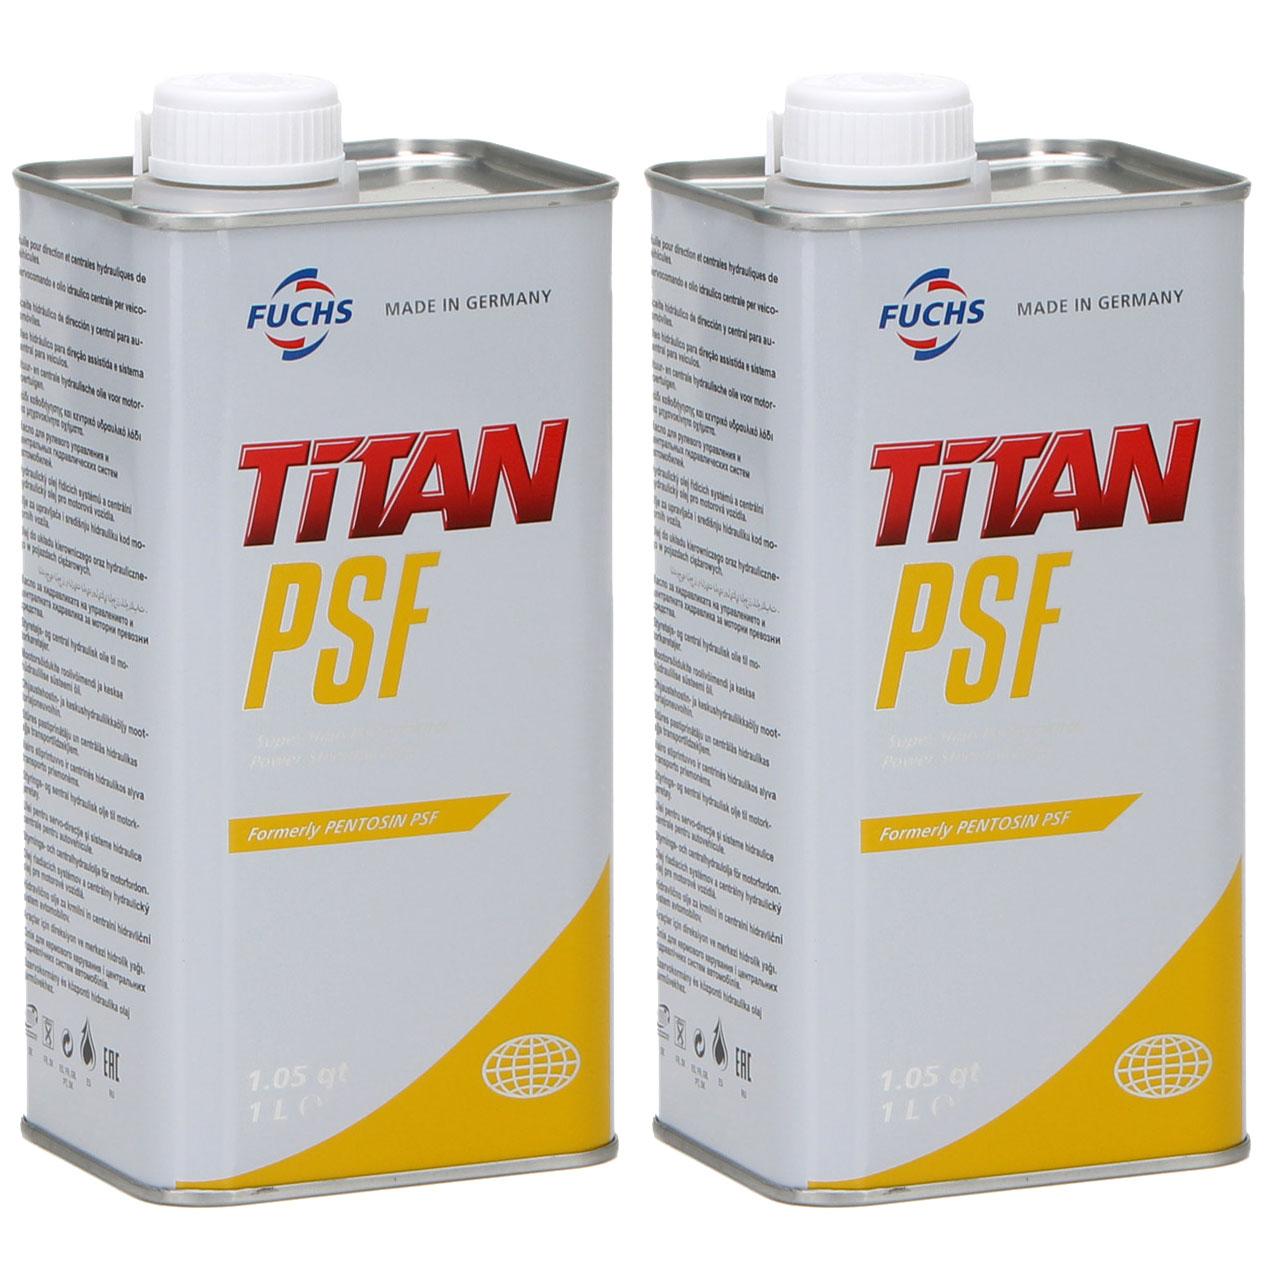 FUCHS Pentosin TITAN Hydrauliköl Zentralhydrauliköl PSF MB 236.3 - 2L 2 Liter